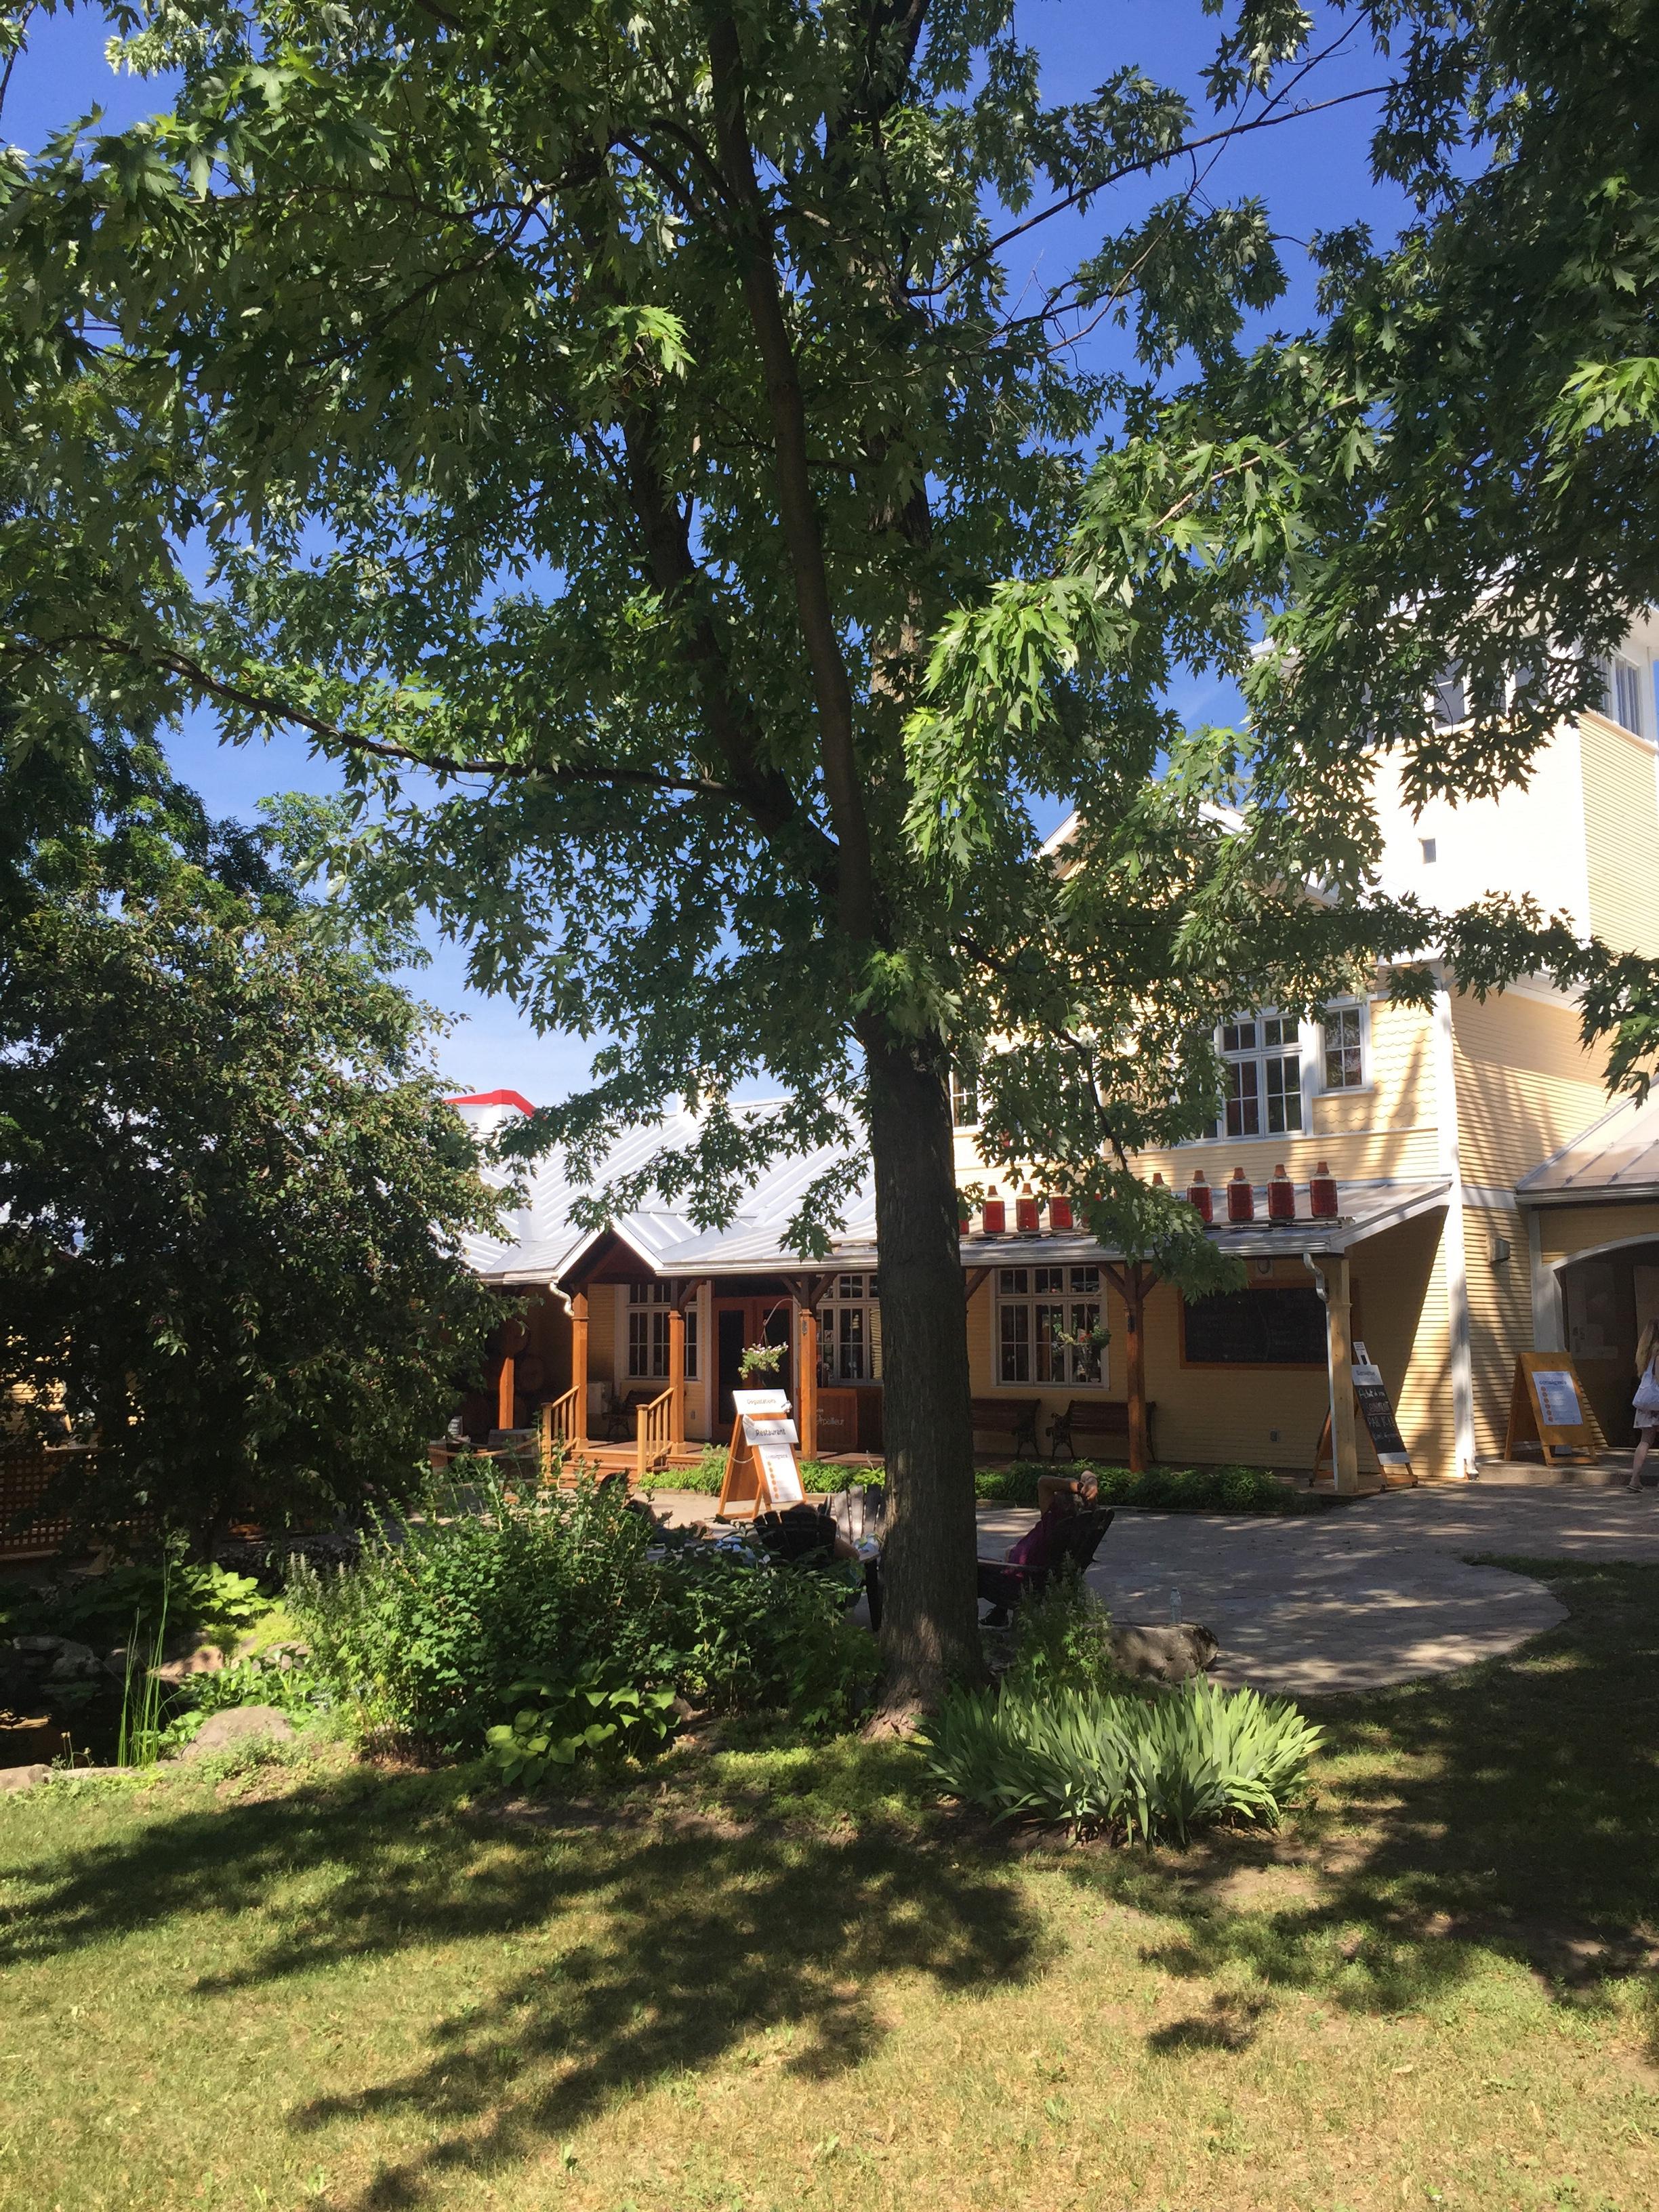 grand arbre feuillu et maison jaune à la campagne